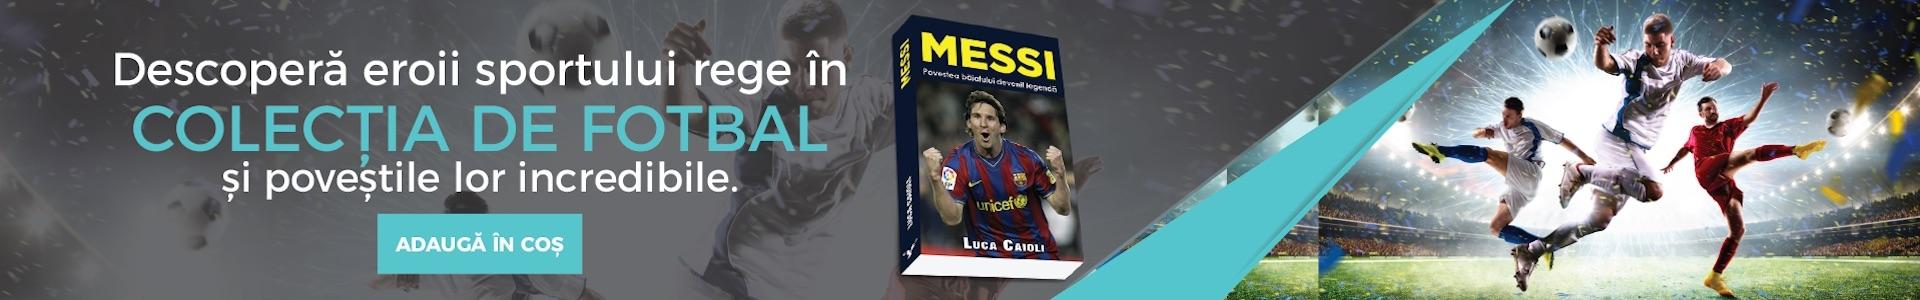 Colectia de fotbal | Descopera eroii sportului rege